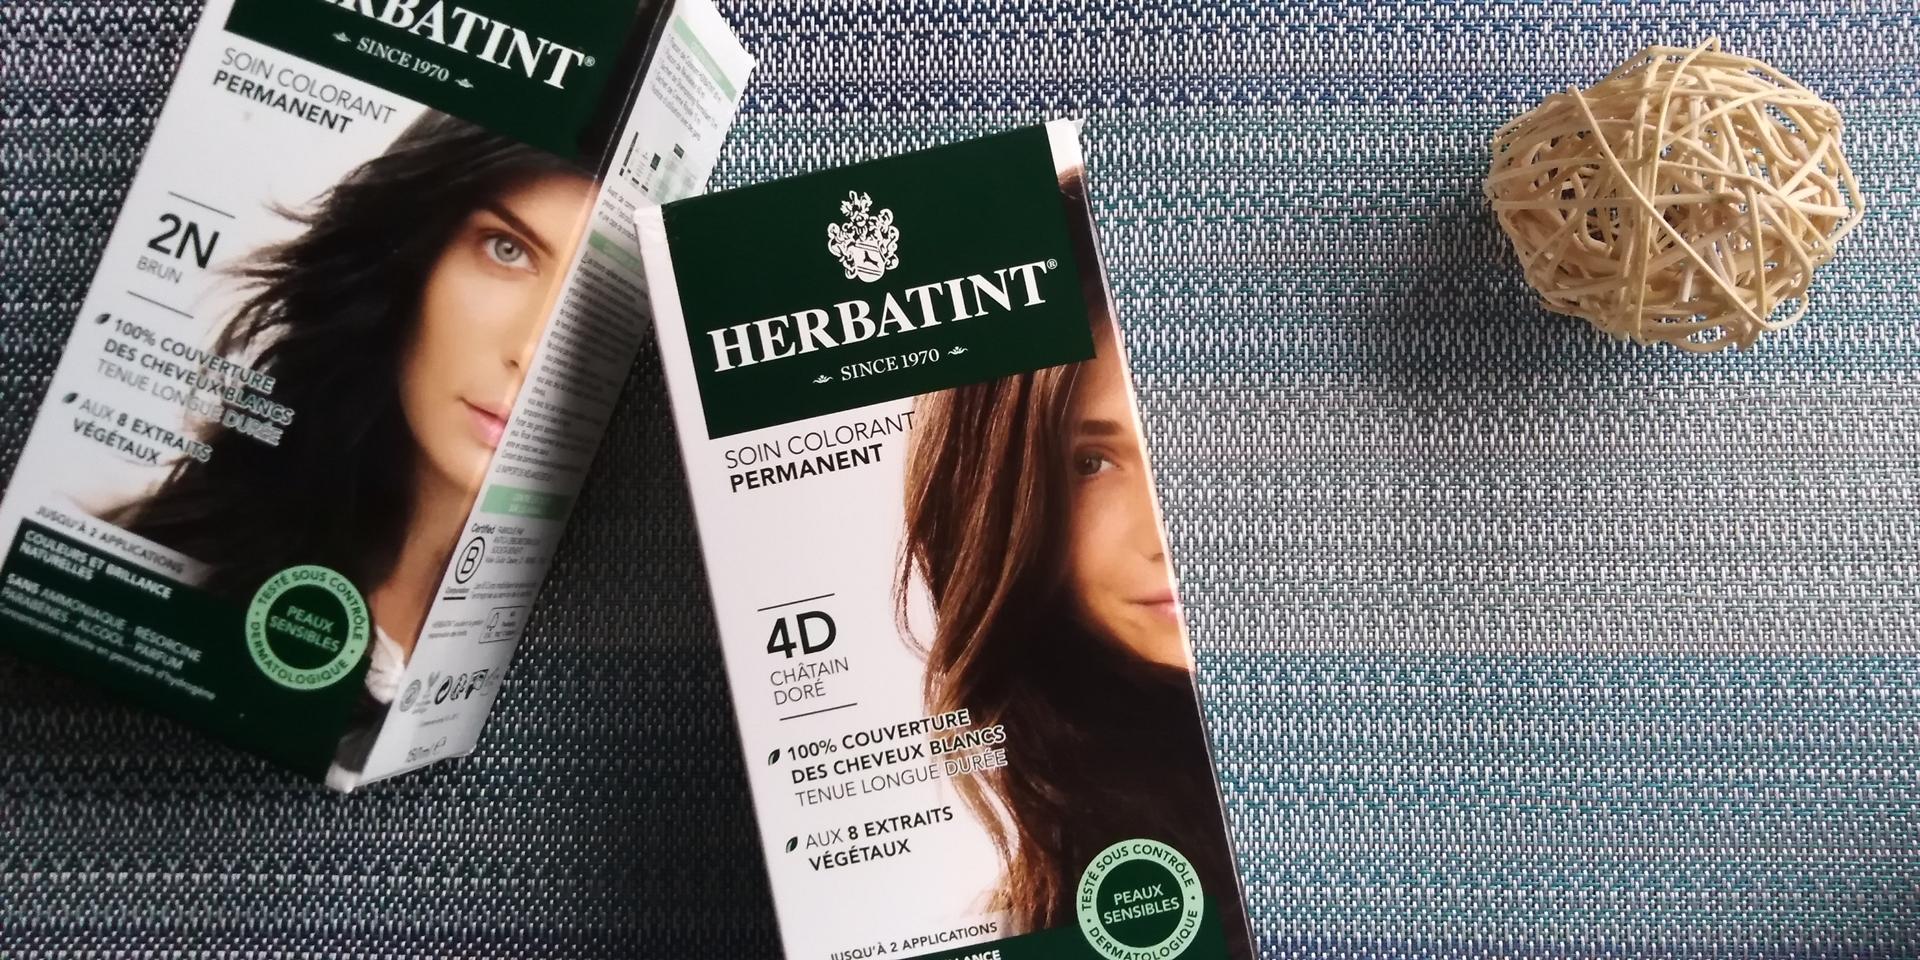 Mon avis sur la coloration semi-végétale Herbatint